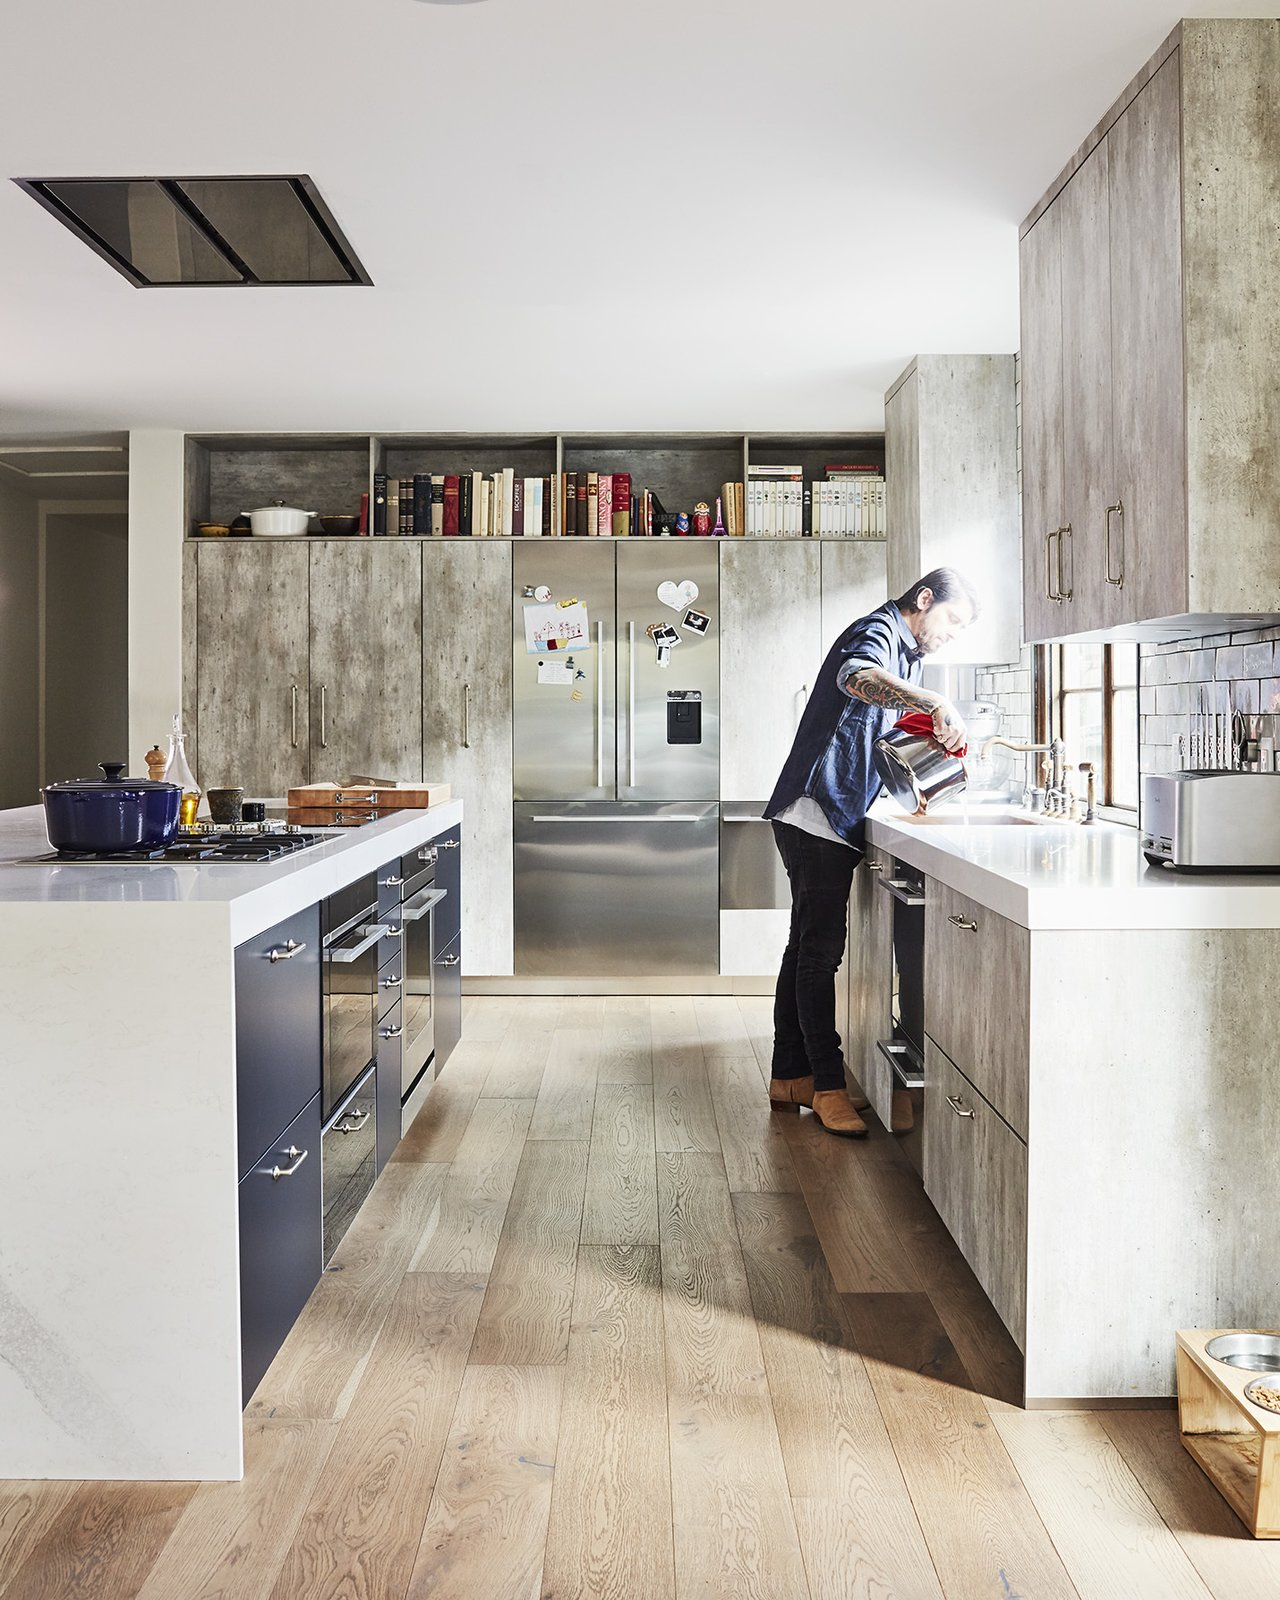 Ludo Lefebvre's kitchen